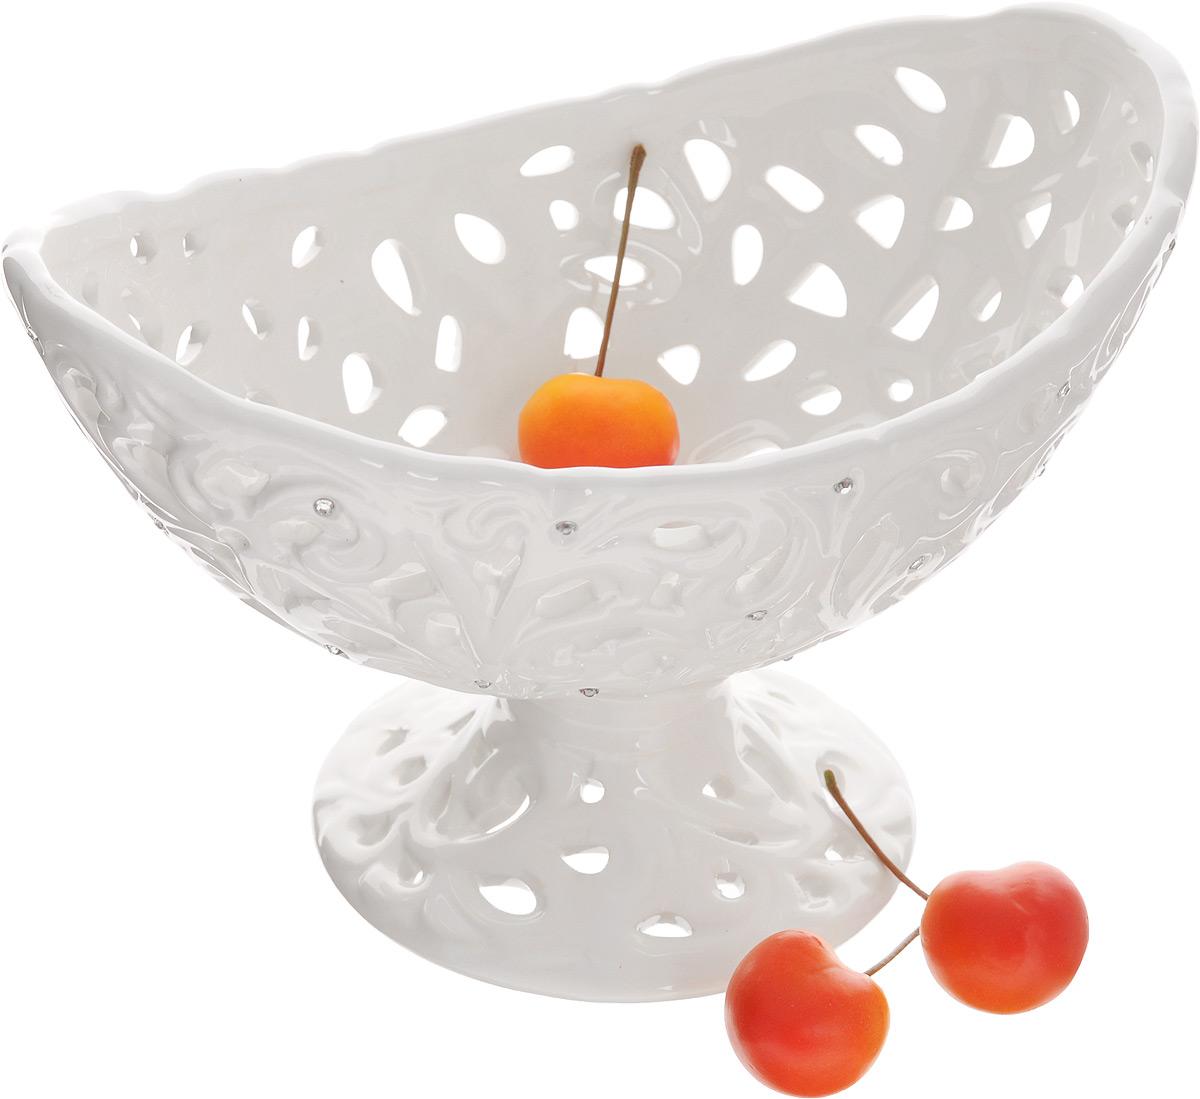 оригинальная посуда для десертов три пирамиды